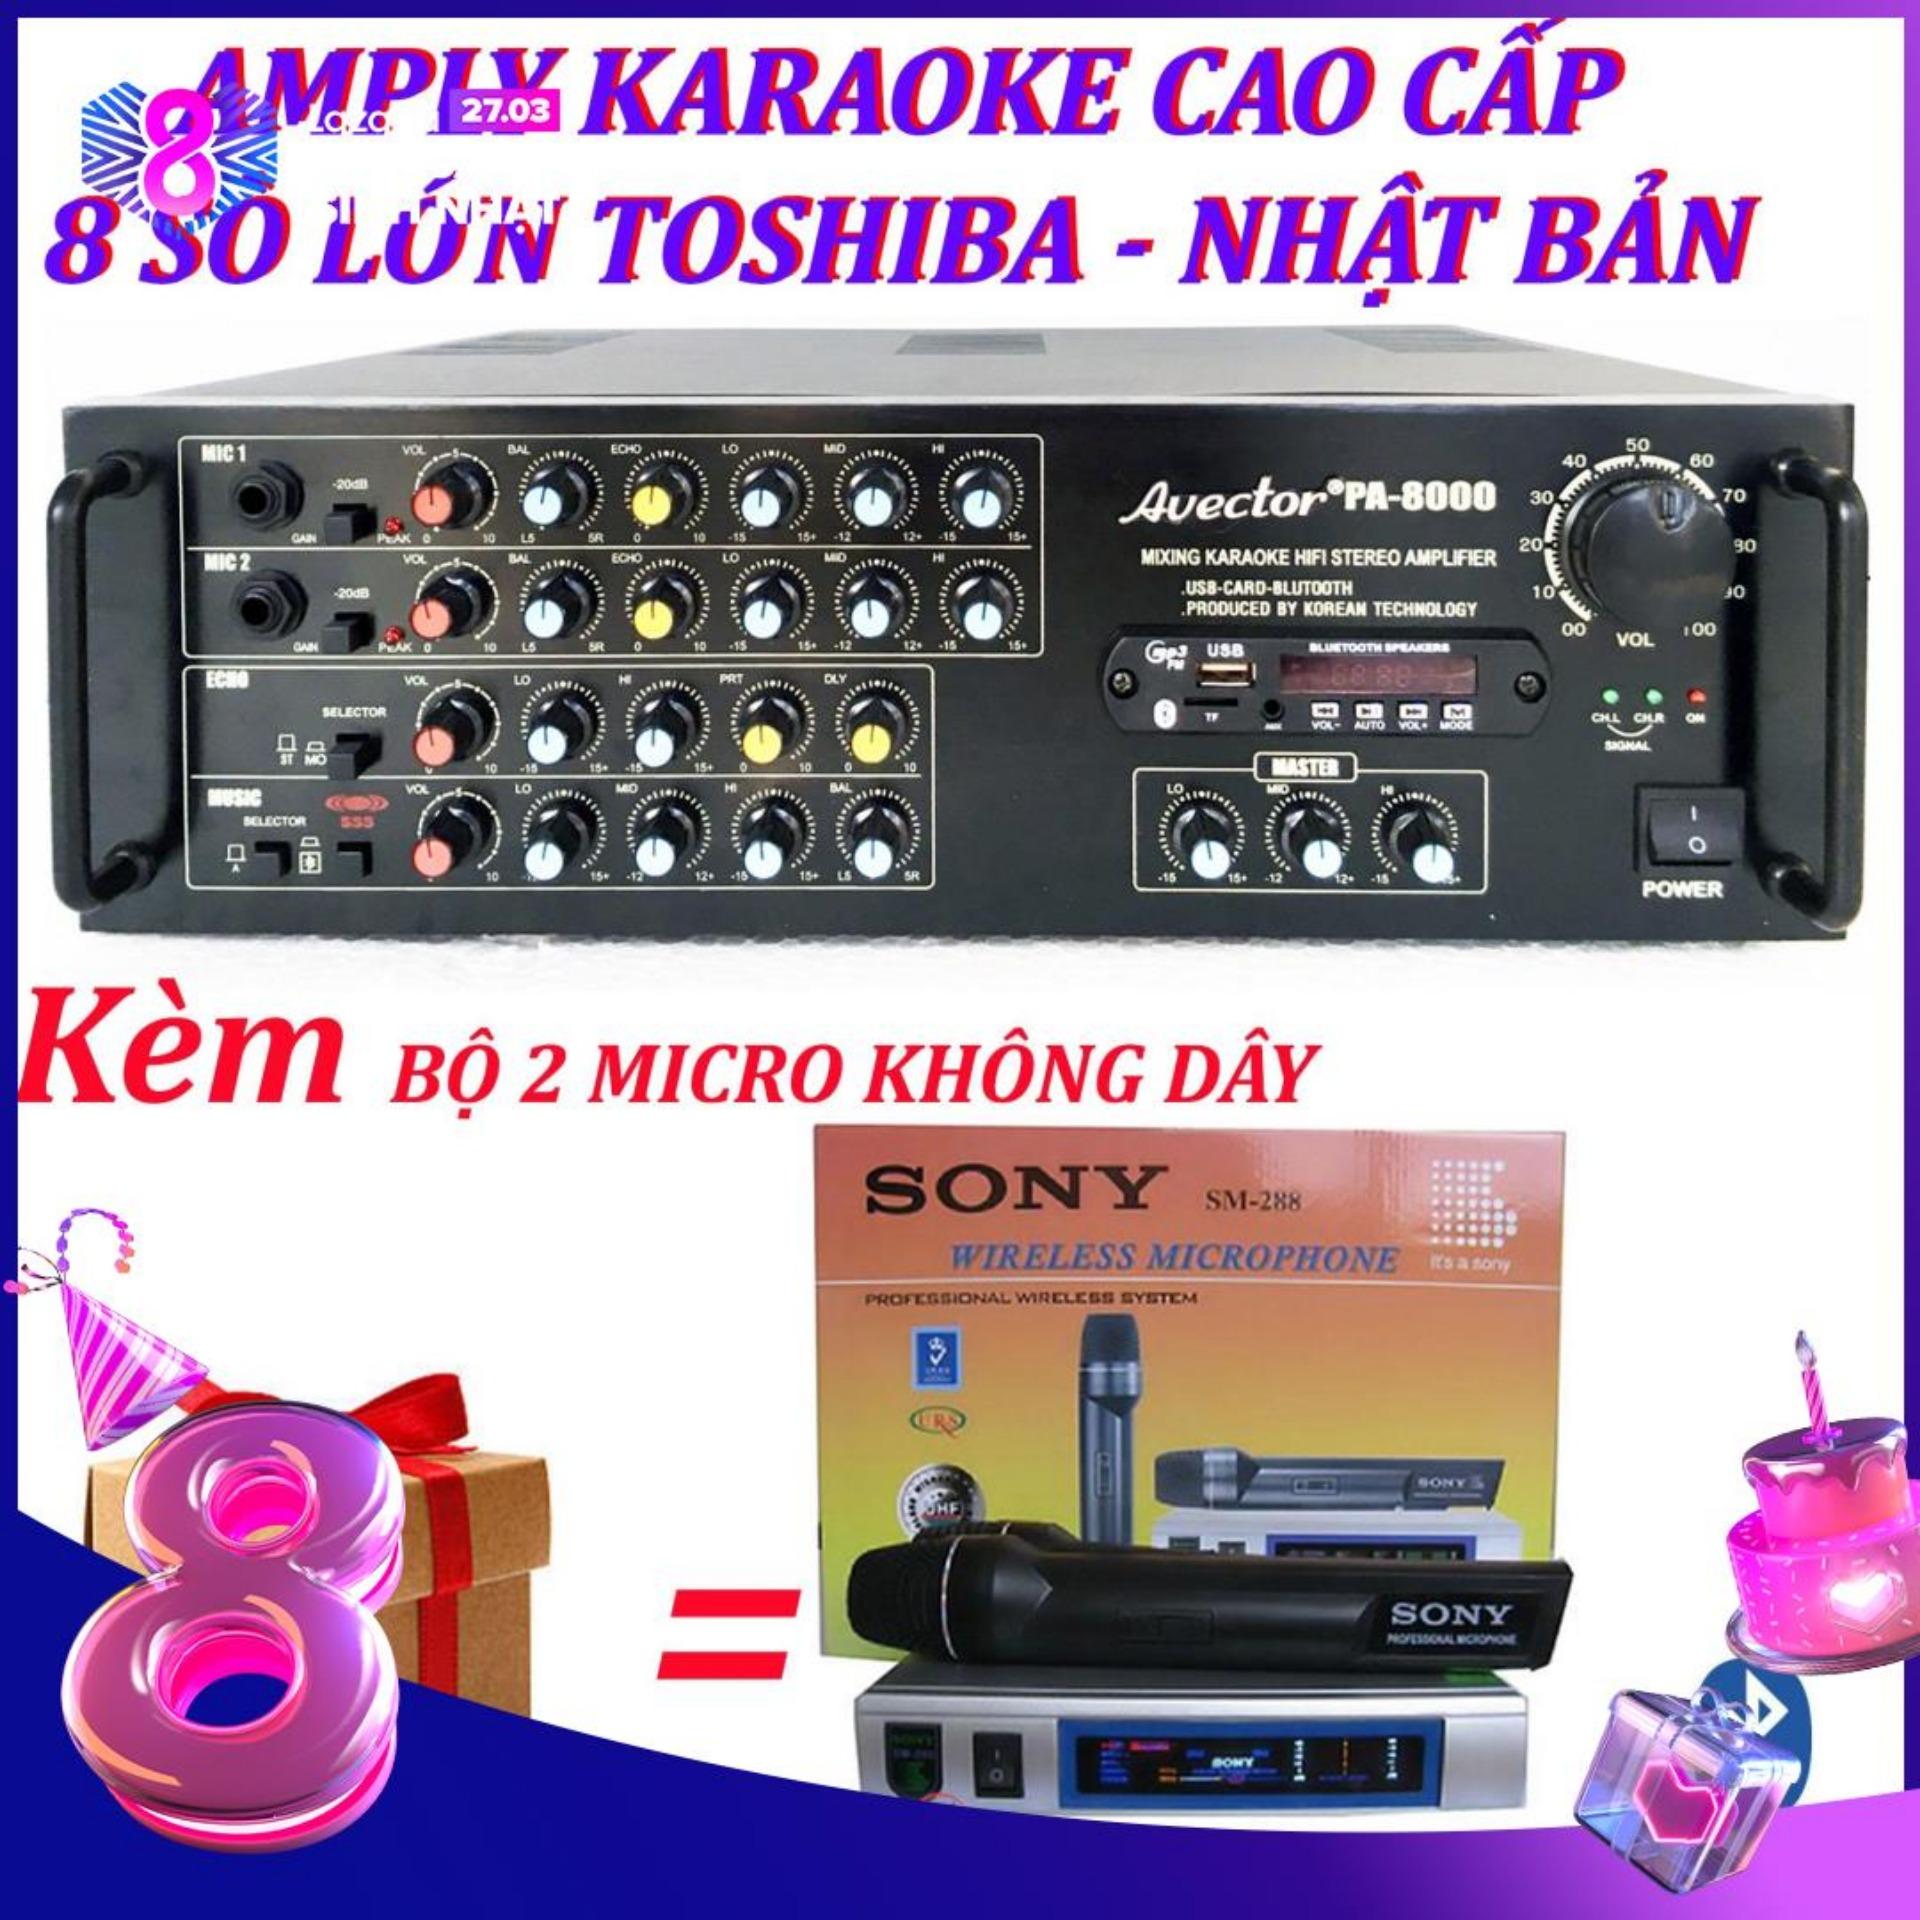 Amply karaoke ampli karaoke amply bluetooth nghe nhạc amply hat karaoke AVECTOR 8000 kèm 2 micro không dây sm288